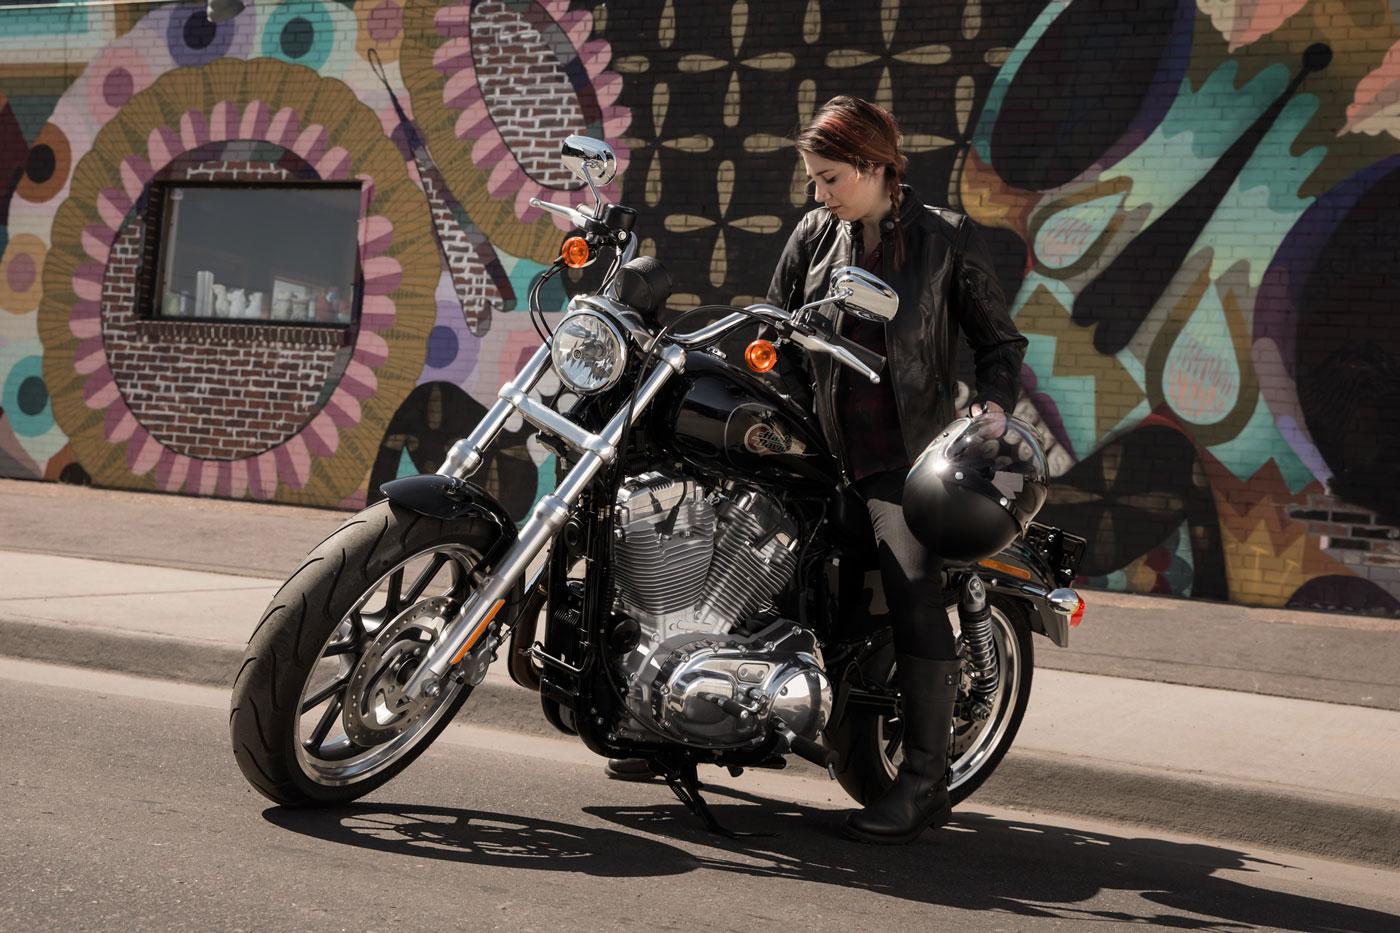 Harley-Davidson sponsert die Fahrschulausbildung